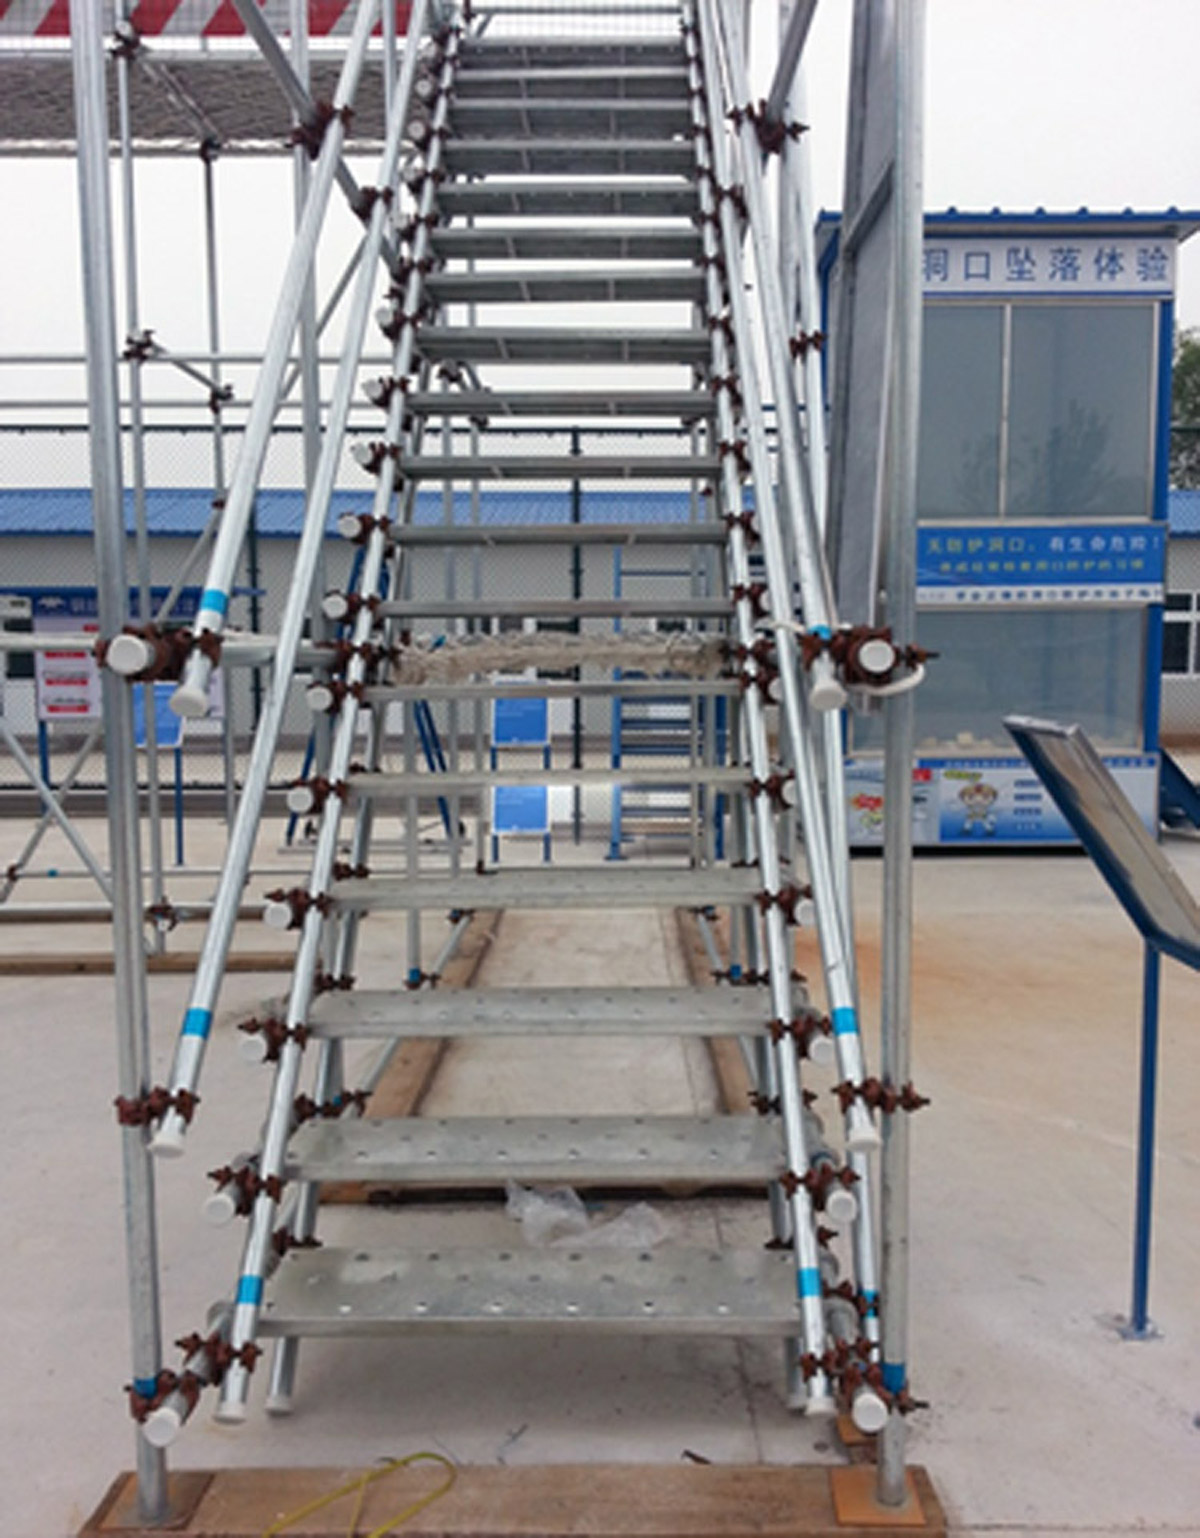 安全体验标准楼梯体验